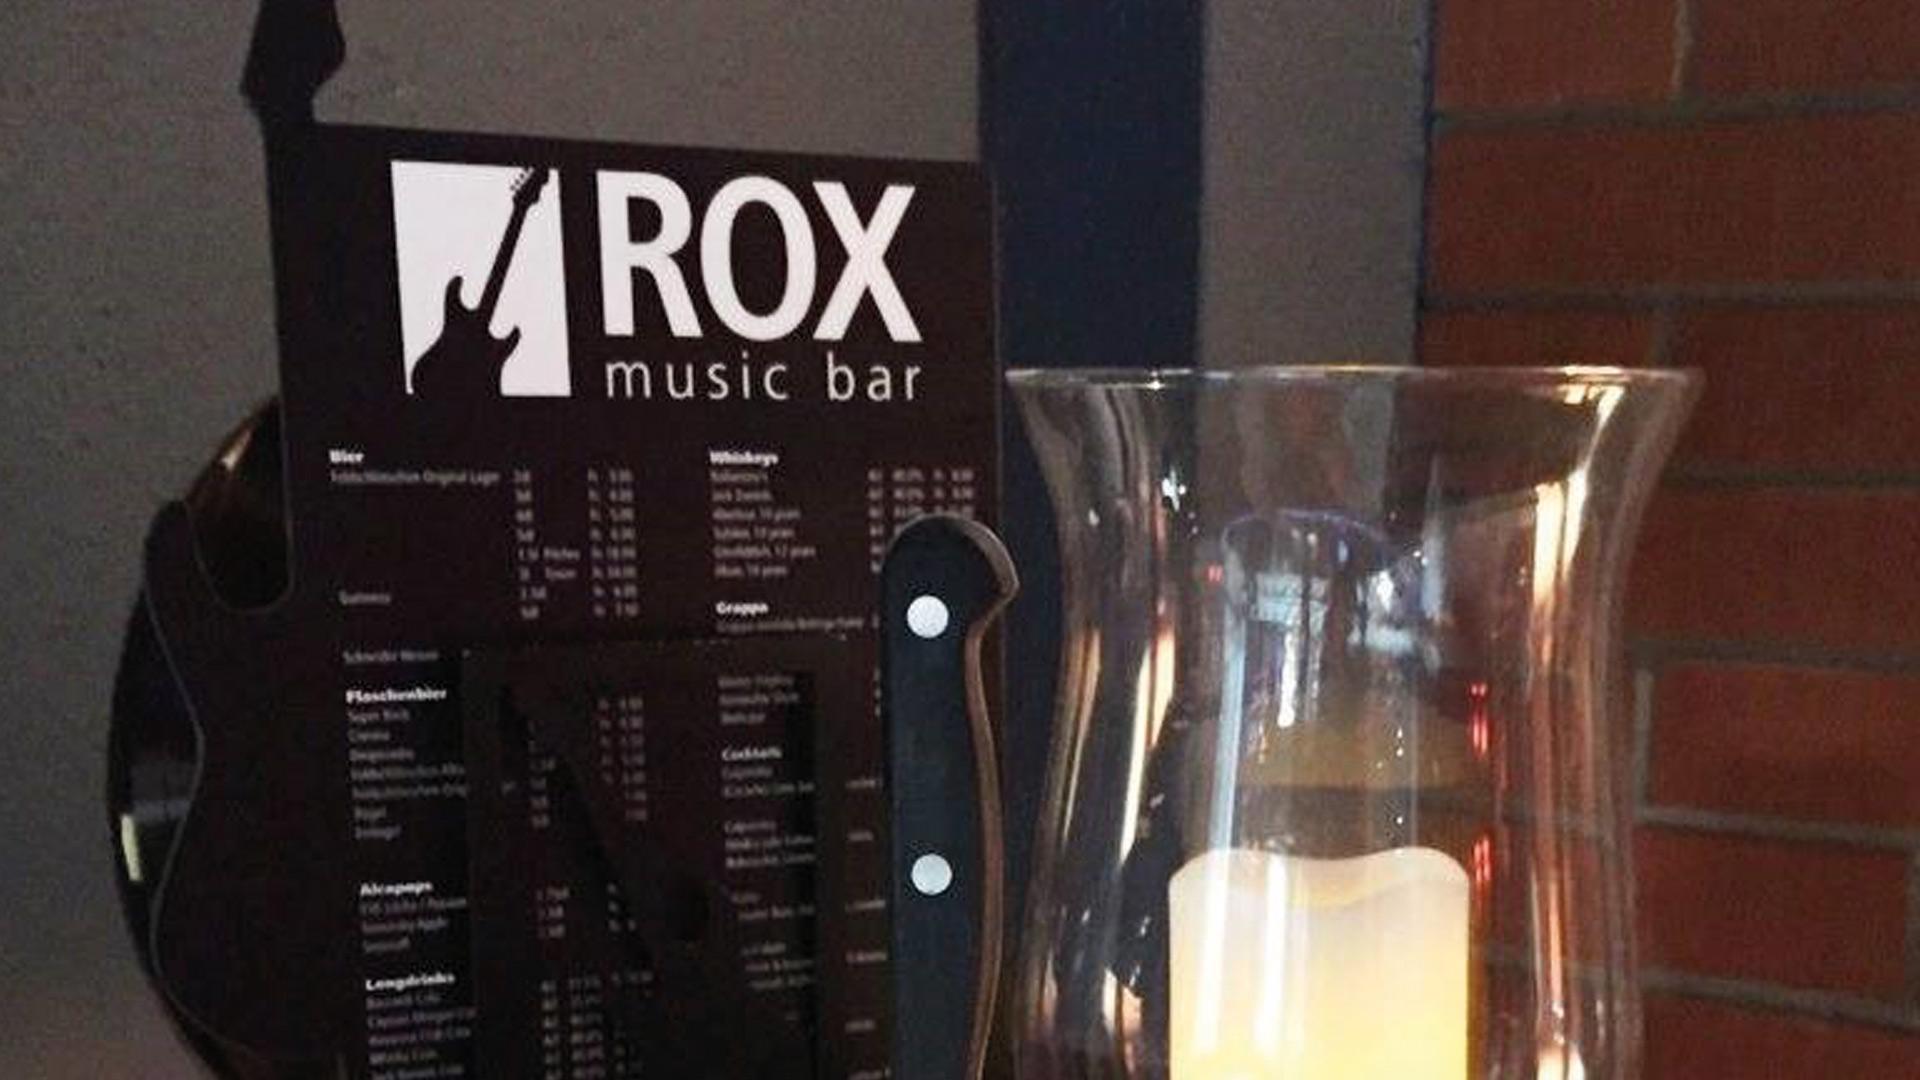 rox-music-bar-gericht